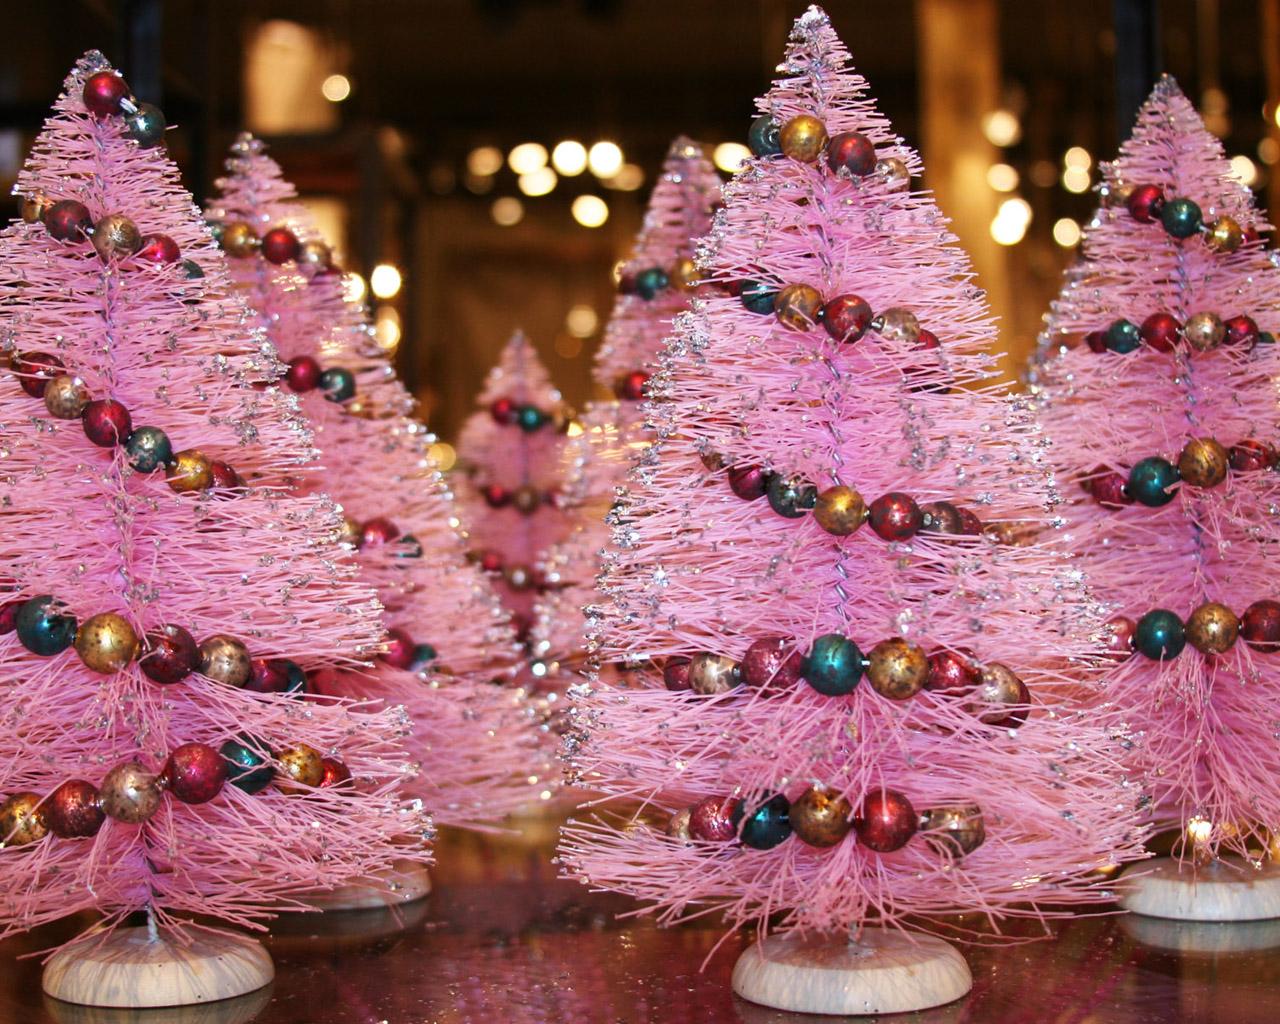 http://3.bp.blogspot.com/_DUzv-nlclsQ/TNT_D9E5QaI/AAAAAAAADJI/DR_fLMGXZXA/s1600/mini-pink-christmas-tree1.jpg